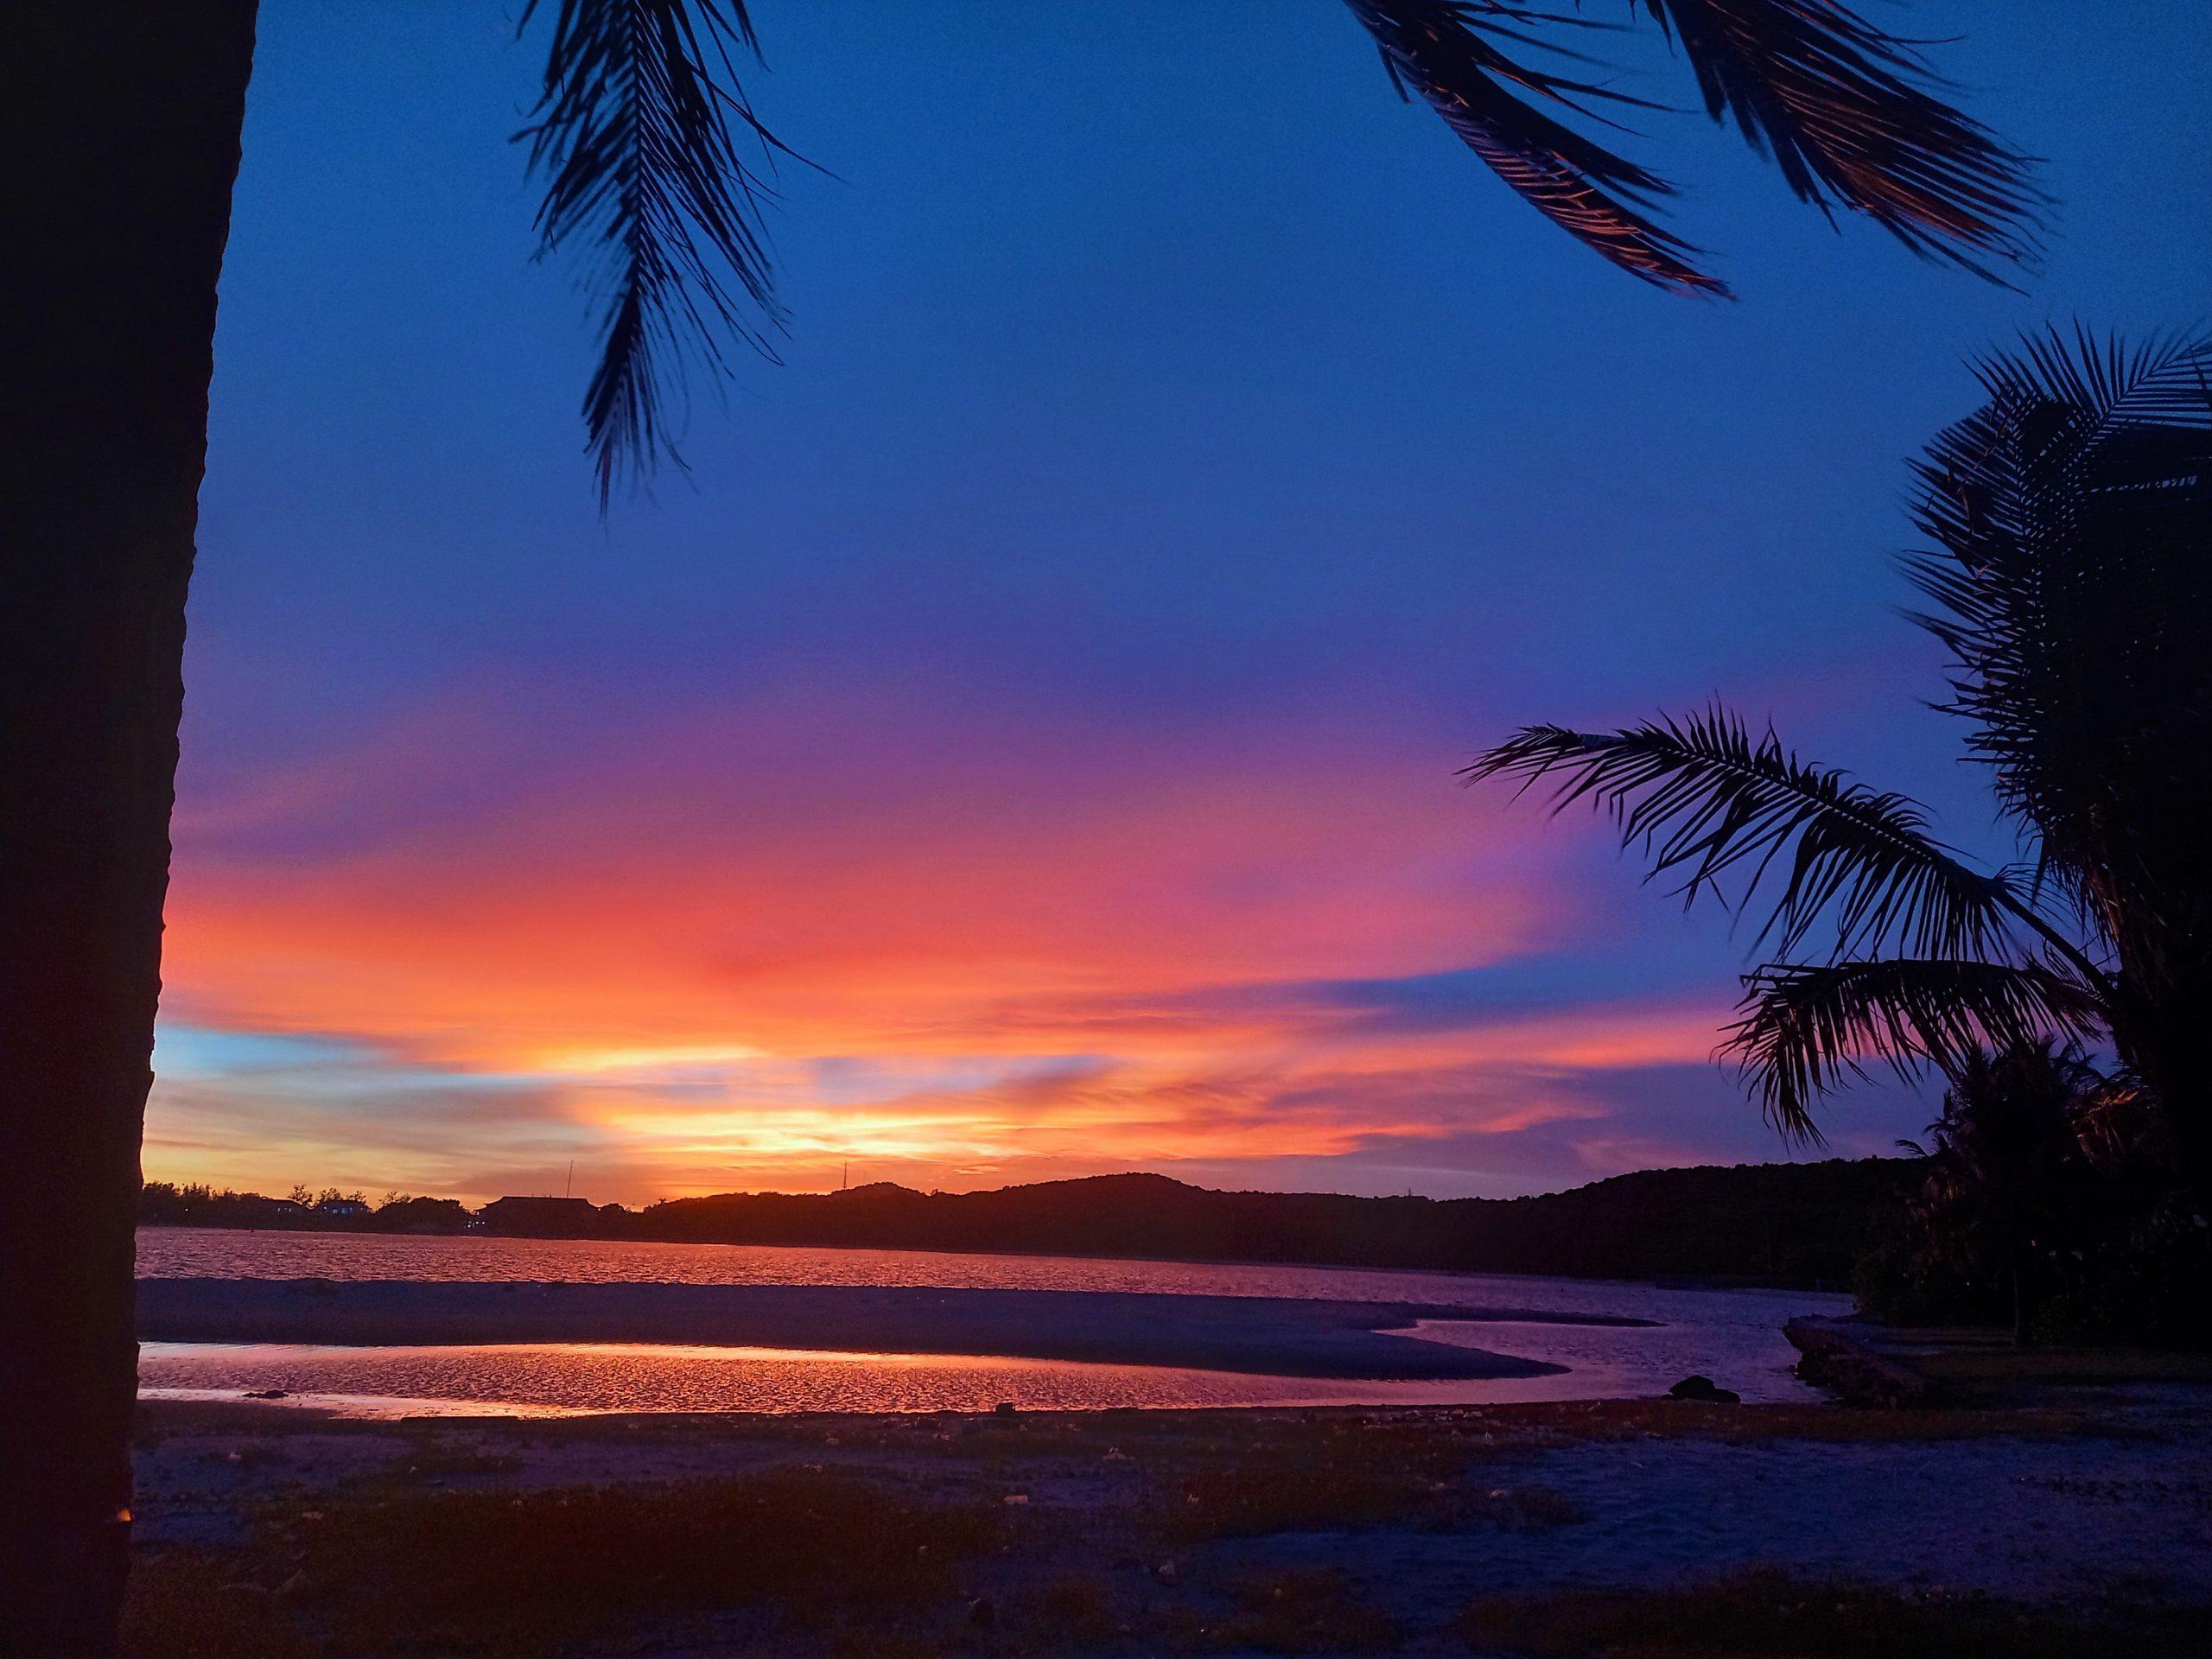 Sunset on west beach, Premier Village Resort, Phu Quoc Island, Vietnam